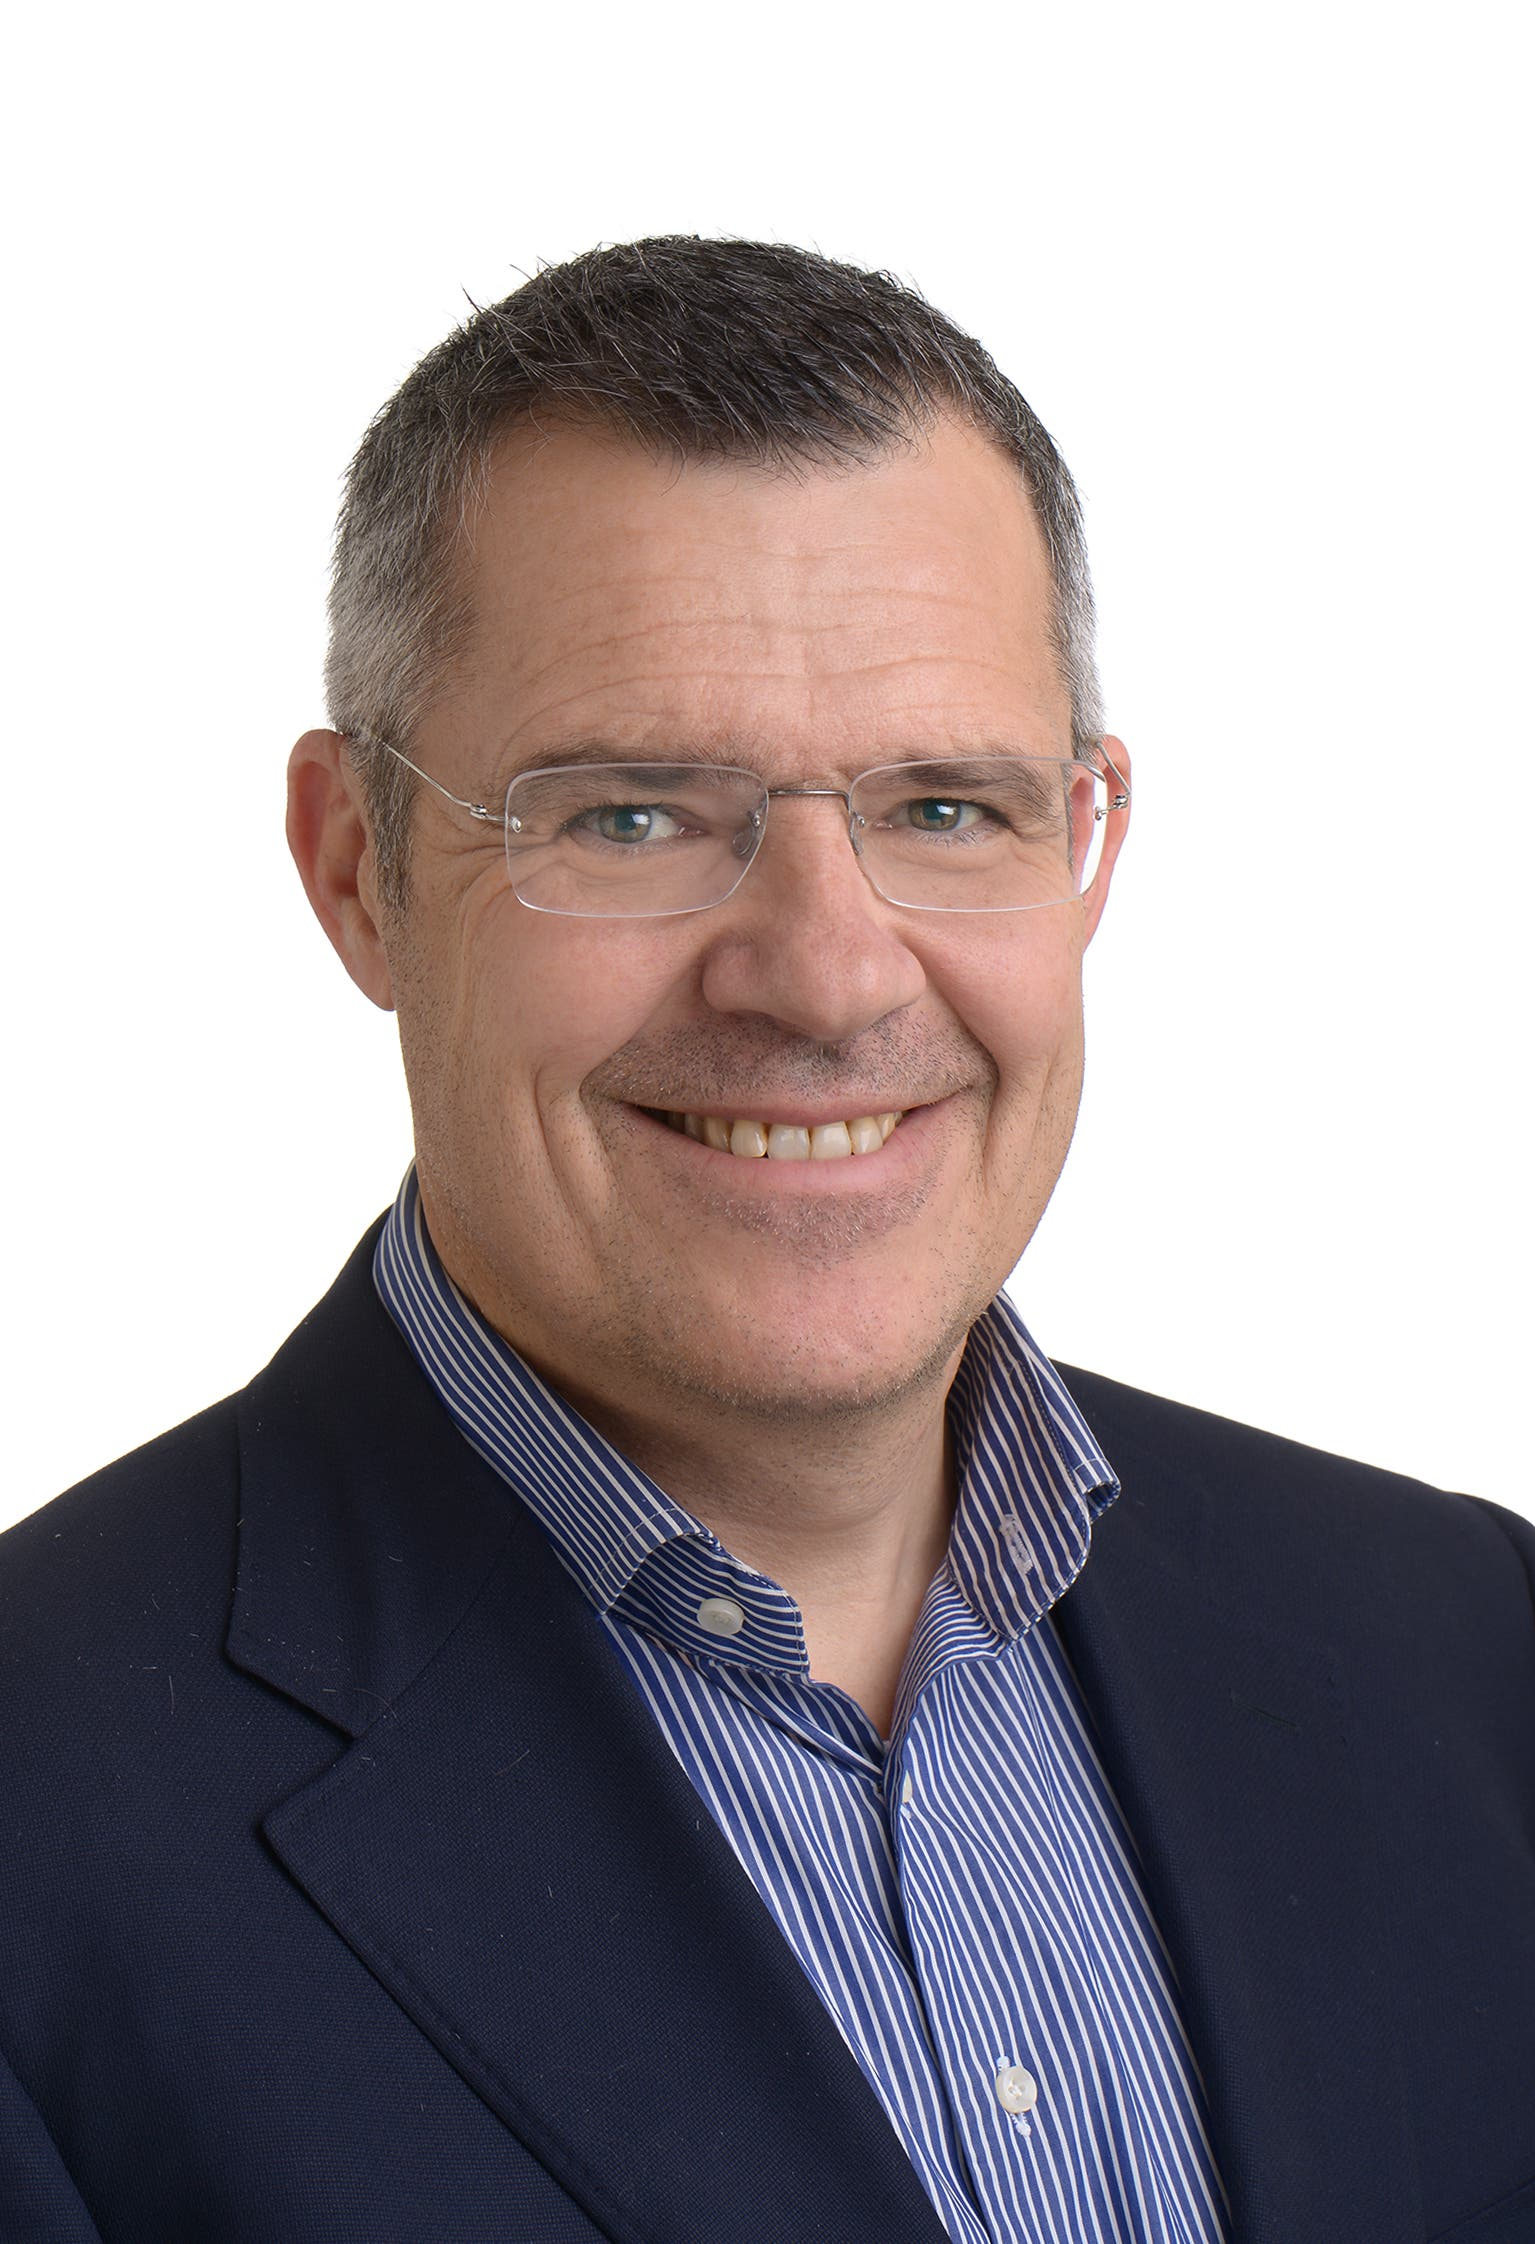 Kandidiert als neuer Finanzvorsteher: Marcel Hurschler (52), Mitglieder der Geschäftsleitung der Luzerner Kantonalbank und CVP-Ortsparteipräsident.